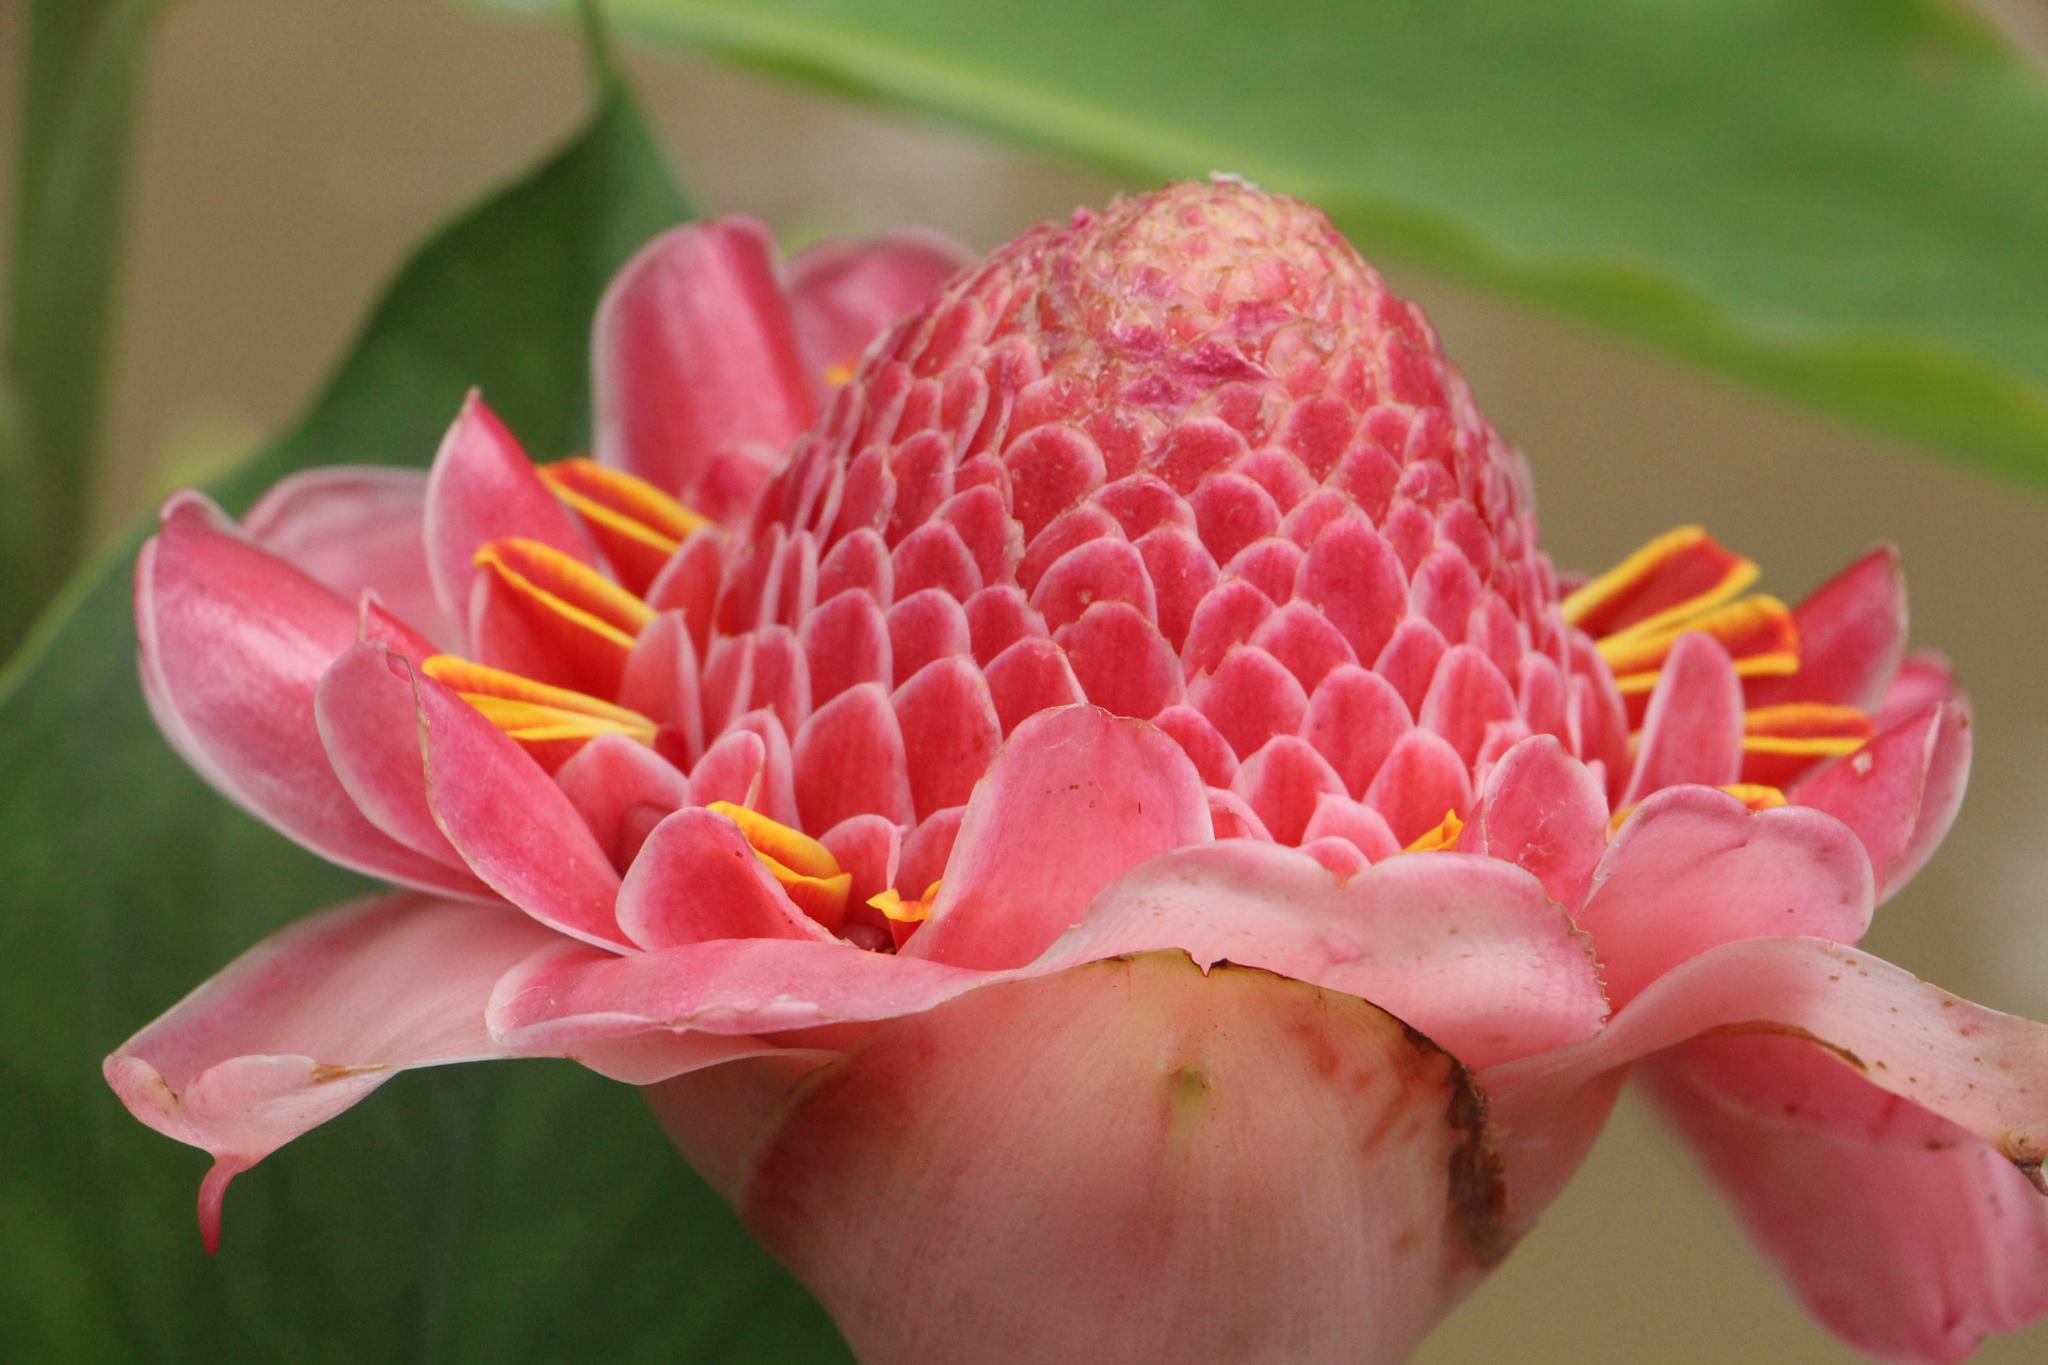 Flower by Shahed Syed Ashraf